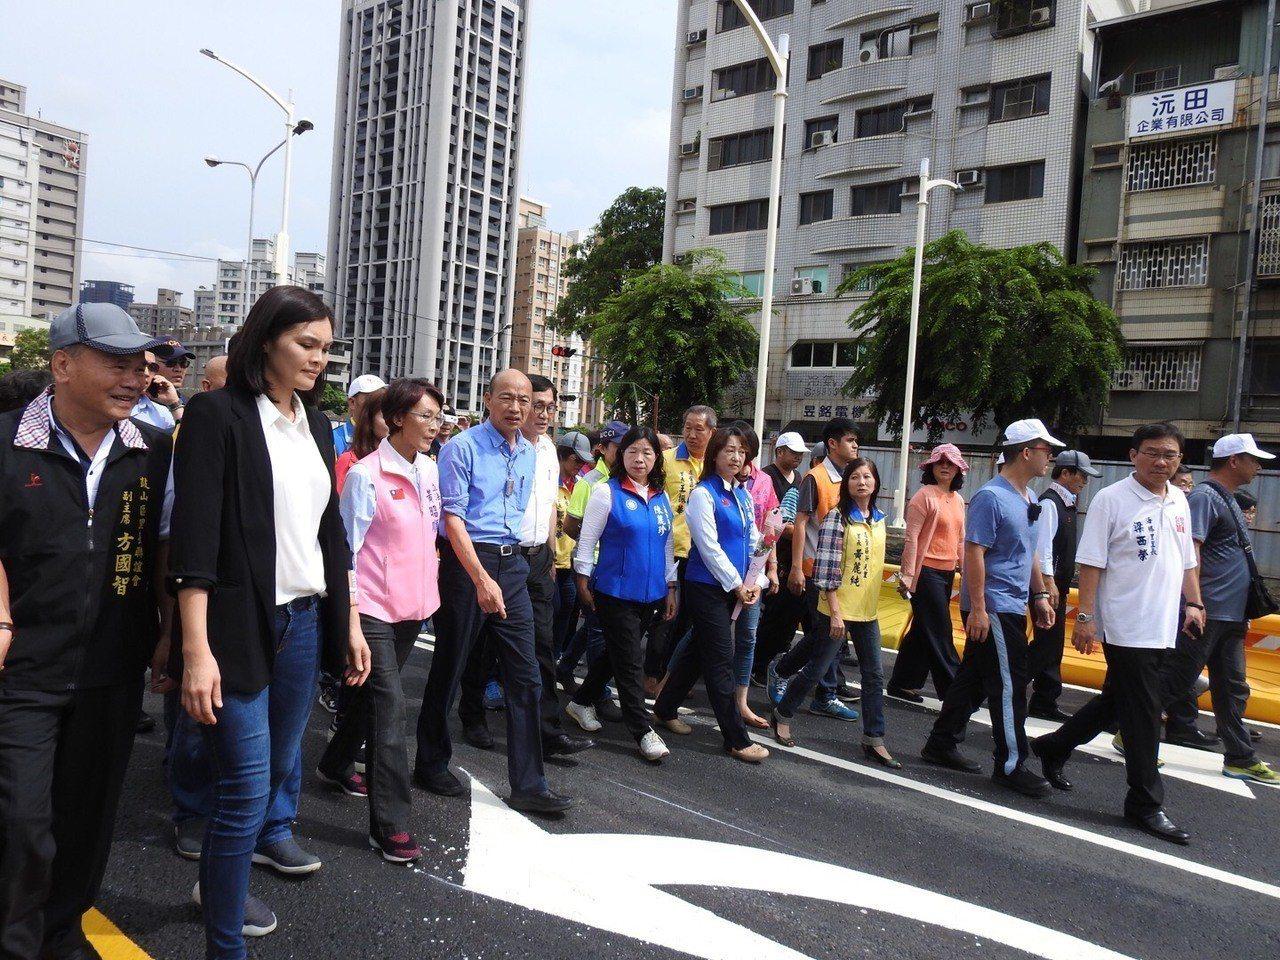 高雄市長韓國瑜主持剪綵儀式,從九如路步行到翠華路,關心巡視道路鋪設品質。記者謝梅...